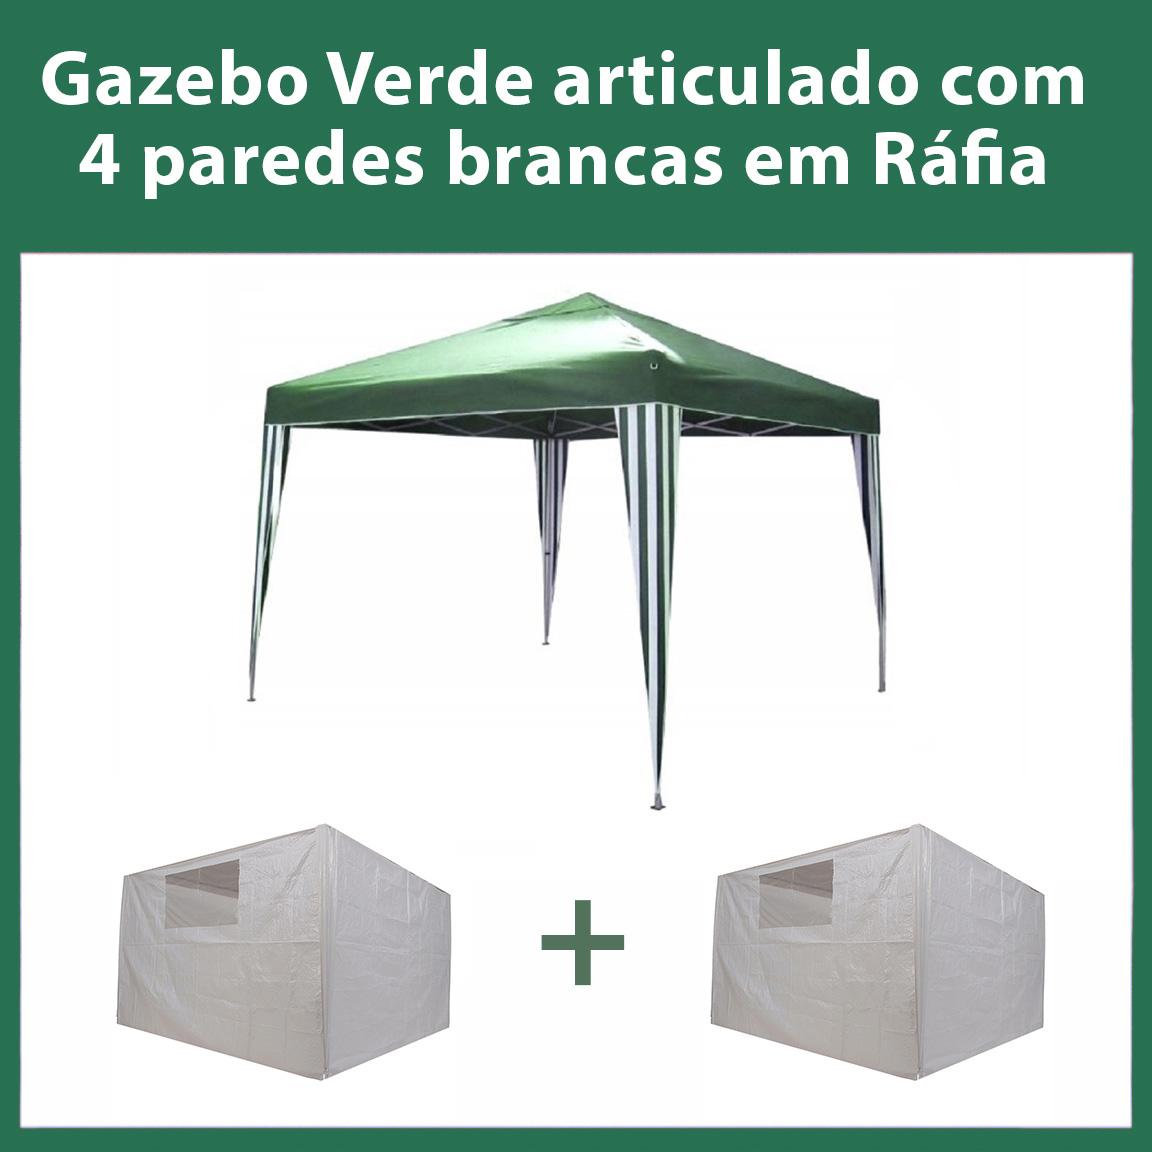 Gazebo 3x3 Articulado Verde em Aço + 4 Paredes Brancas de Ráfia Eleva Mundi